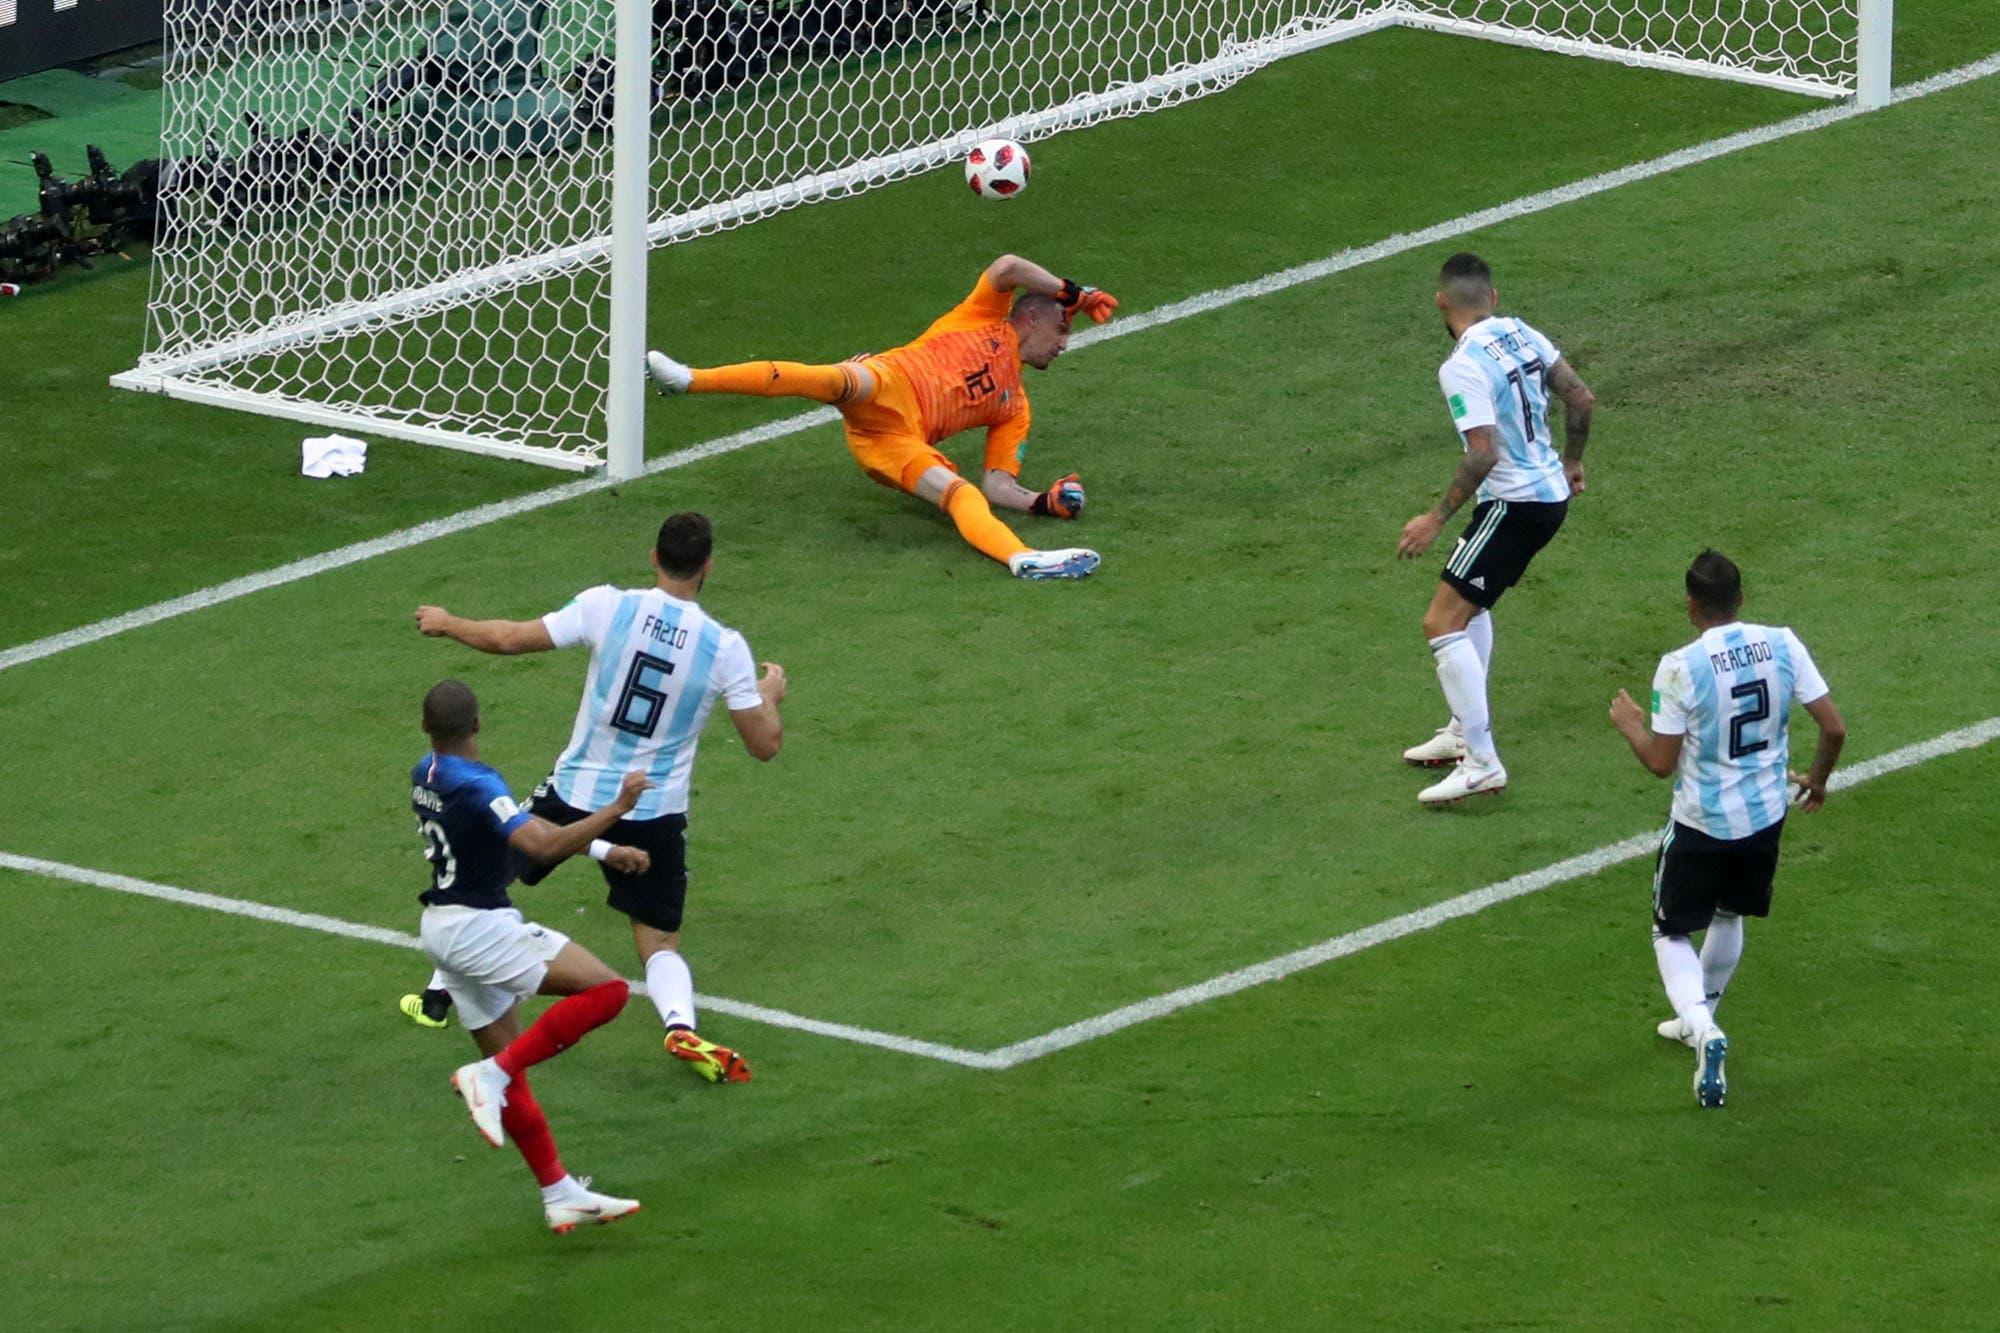 510eec43a6 https://www.lanacion.com.ar/deportes/turf-la-niebla-dejo-en-suspenso ...